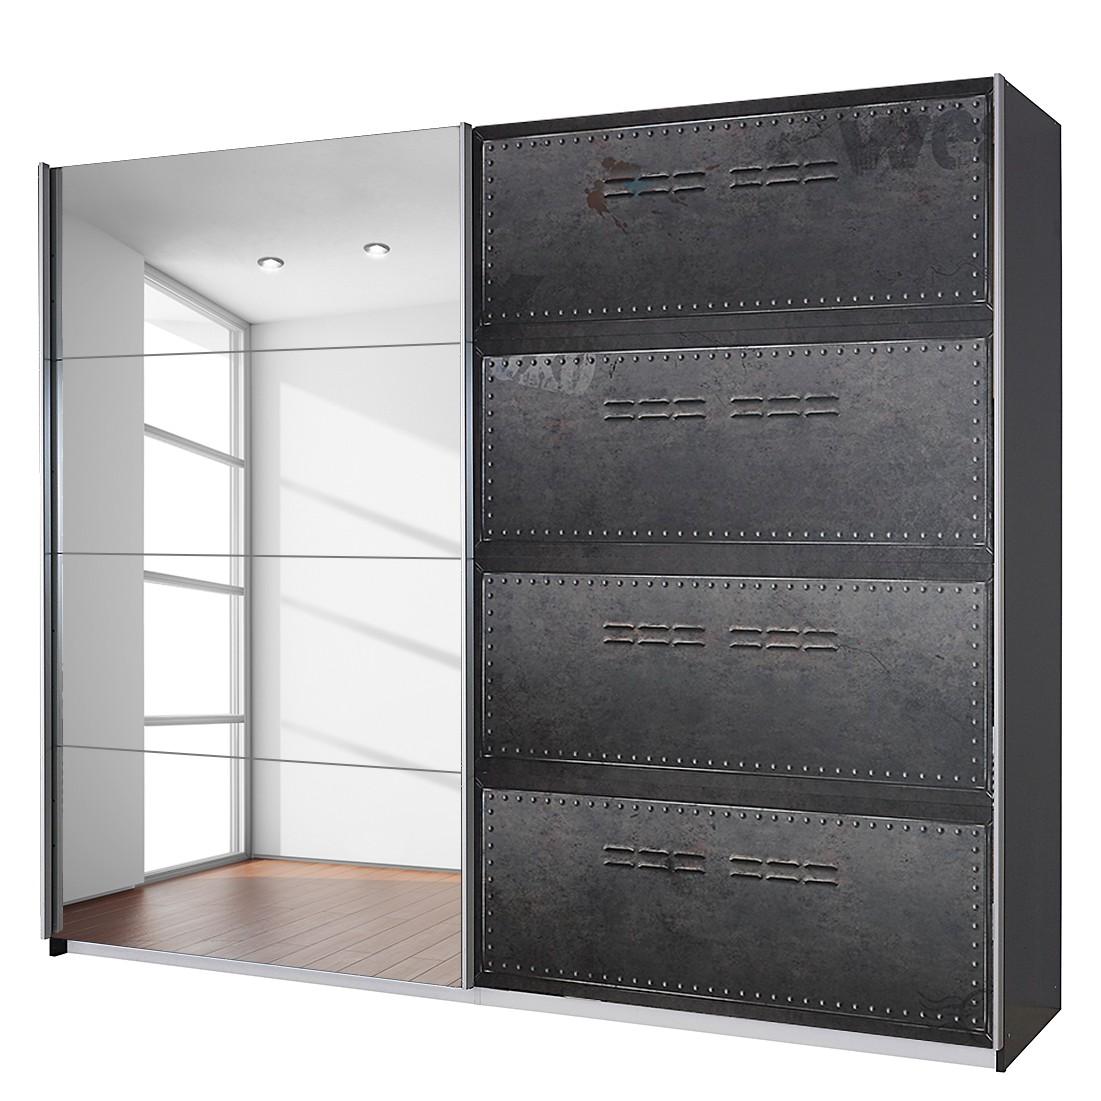 goedkoop Draaideurkast Workbase industrial print look grafietkleurig Zonder verlichting 225cm 2 deurs Rauch Select